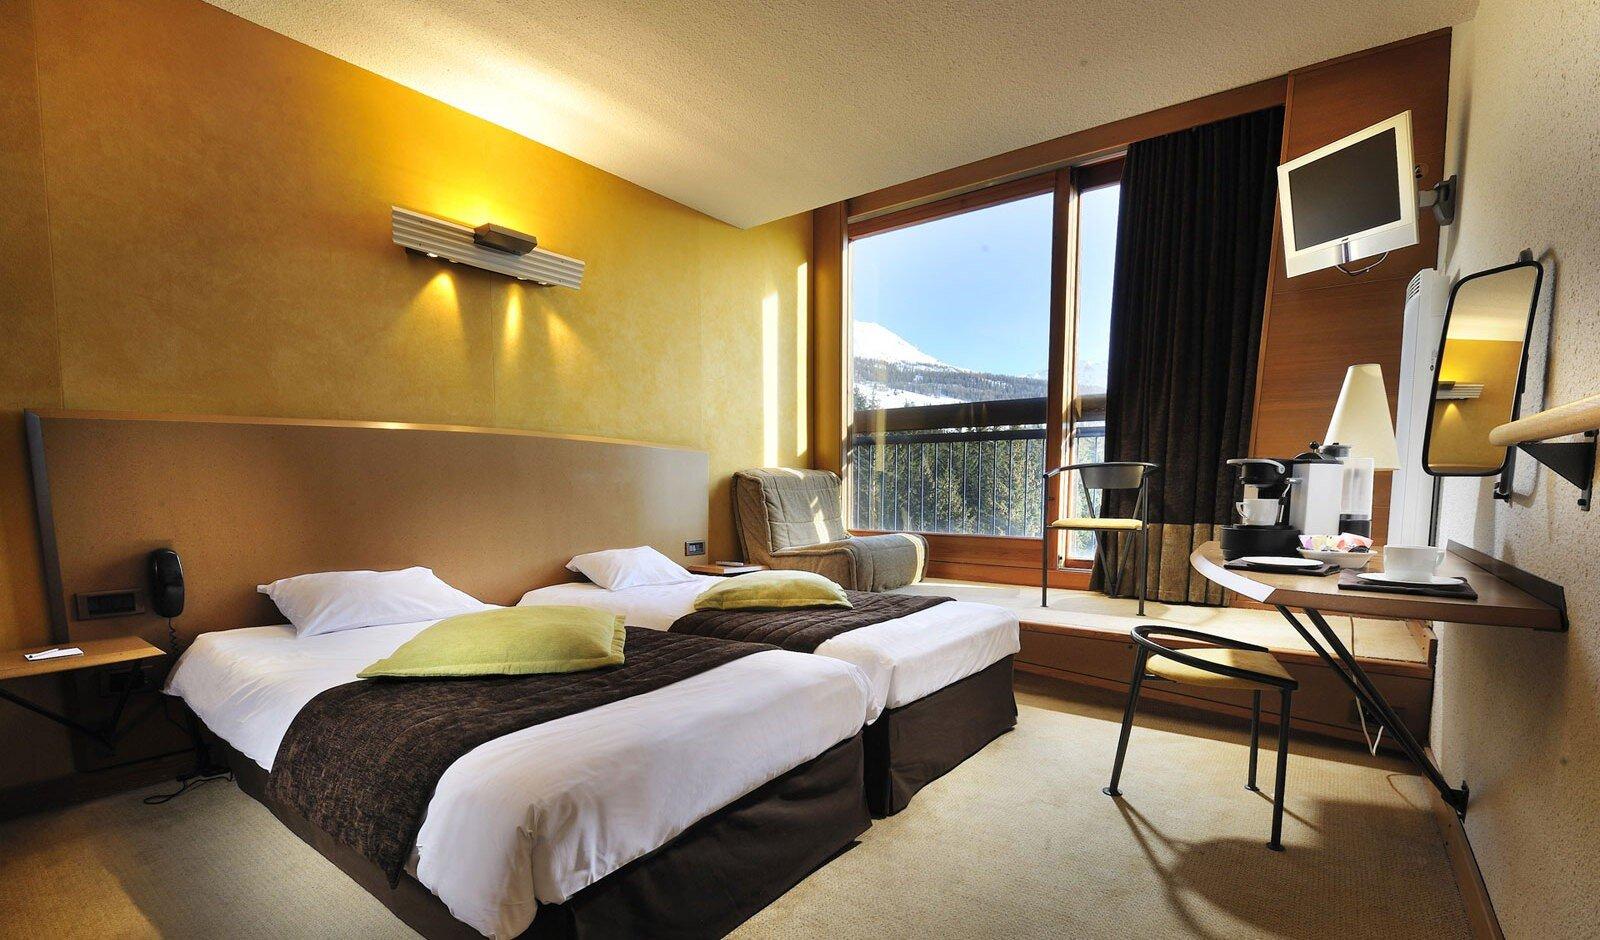 Hotels Les Arcs